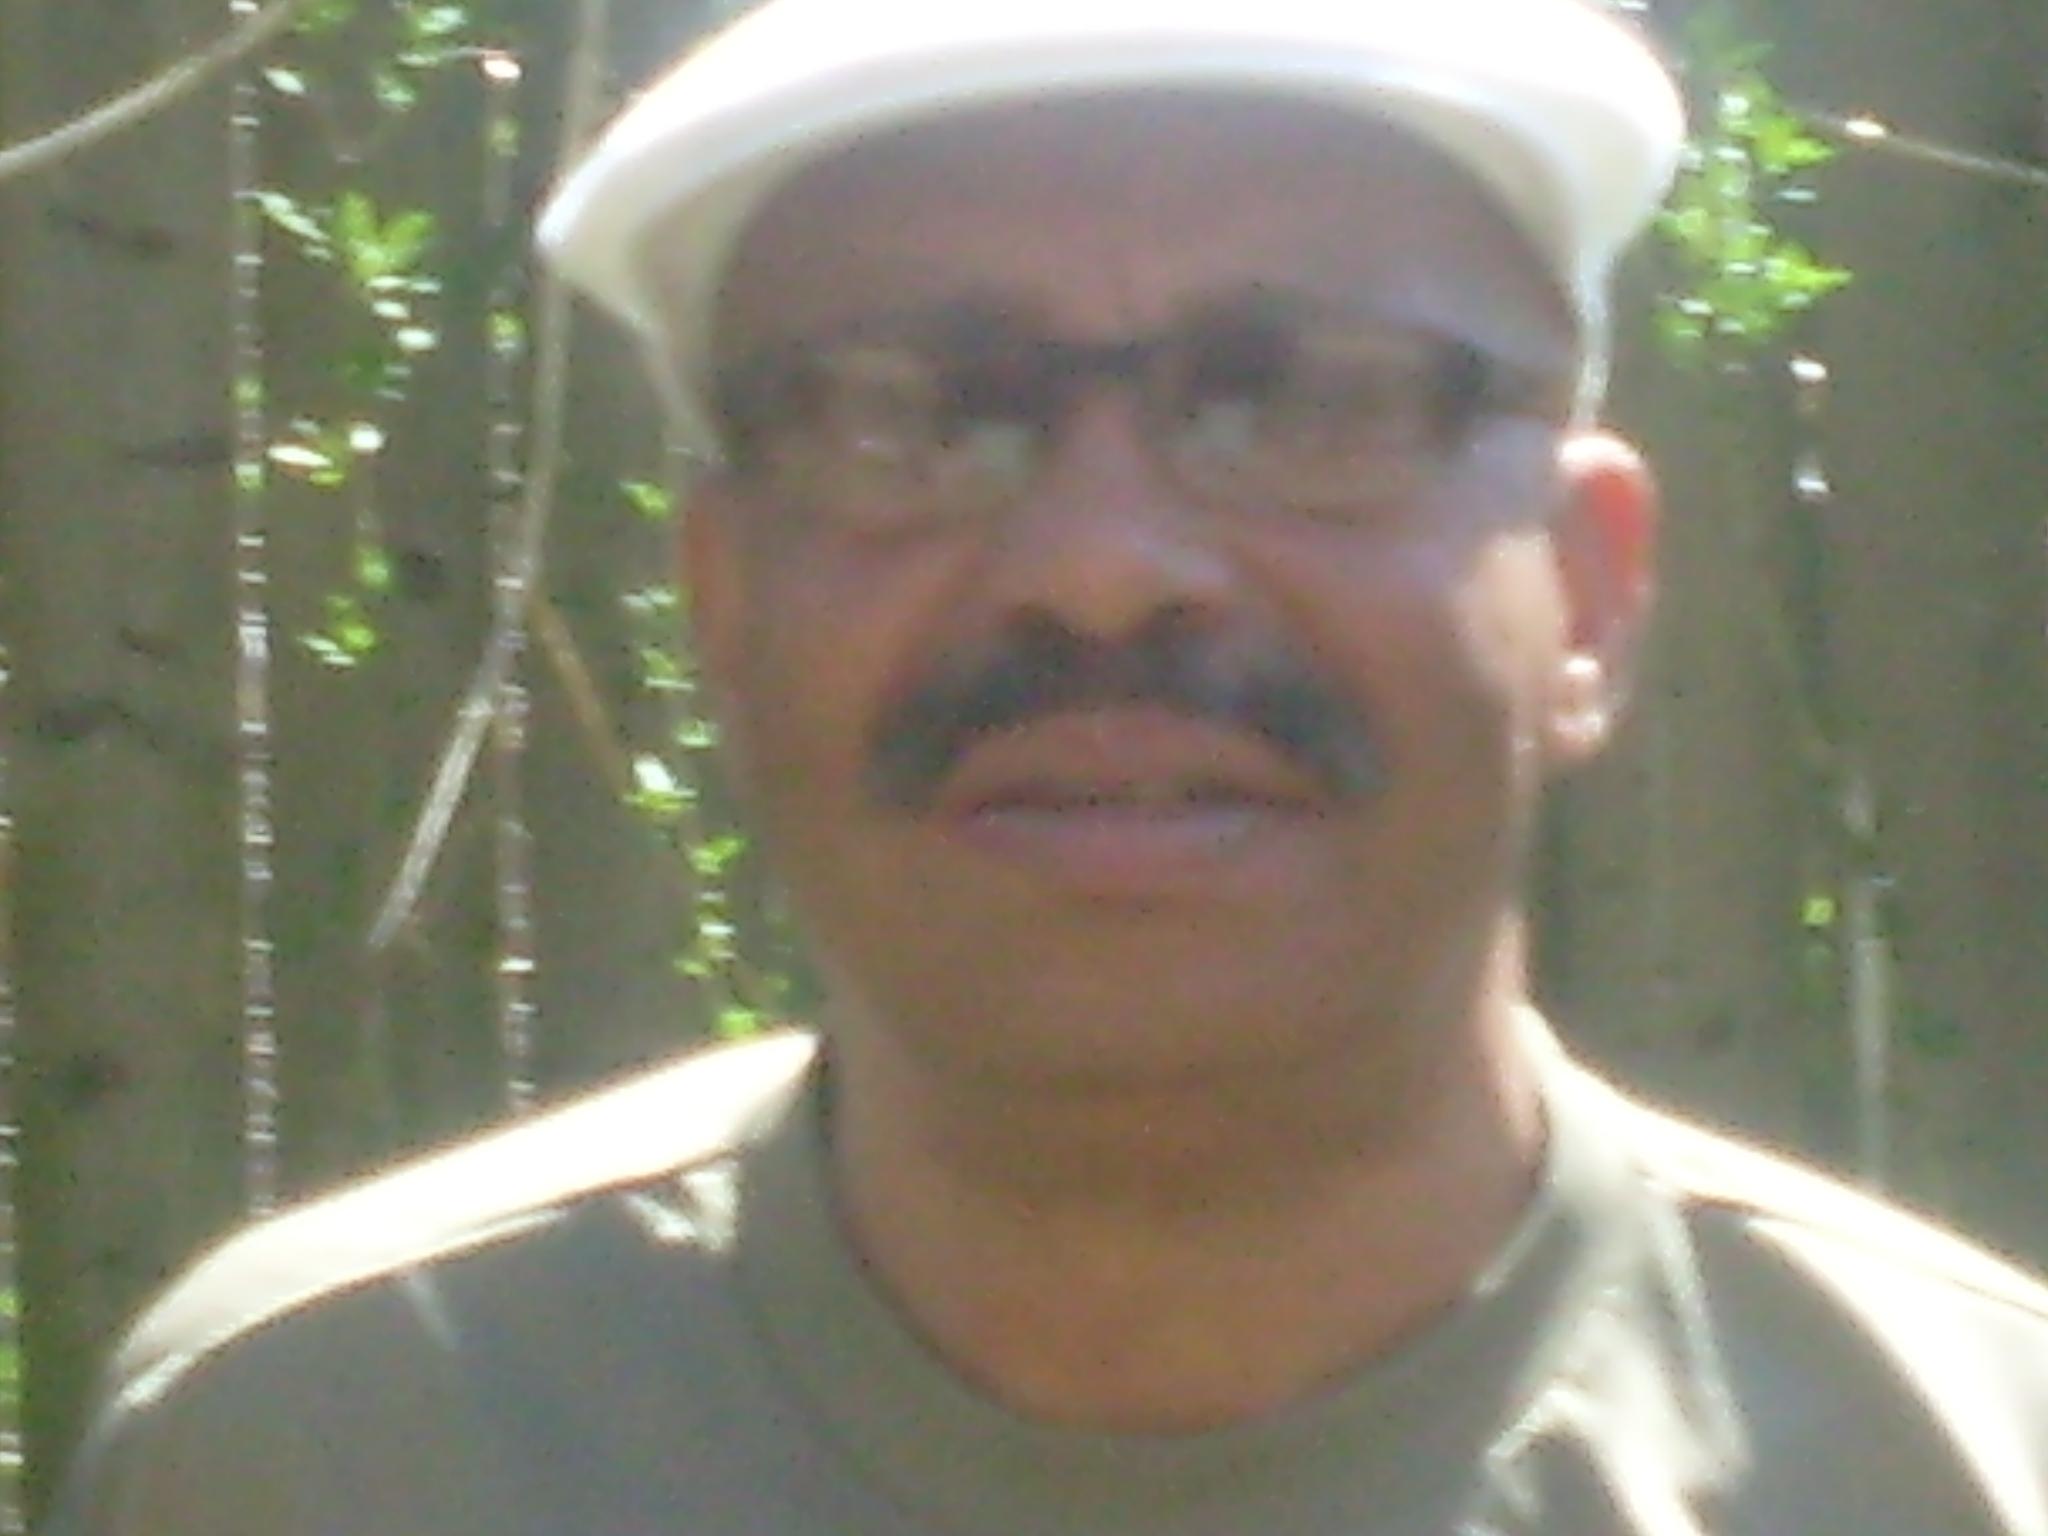 Willie Ali Parham